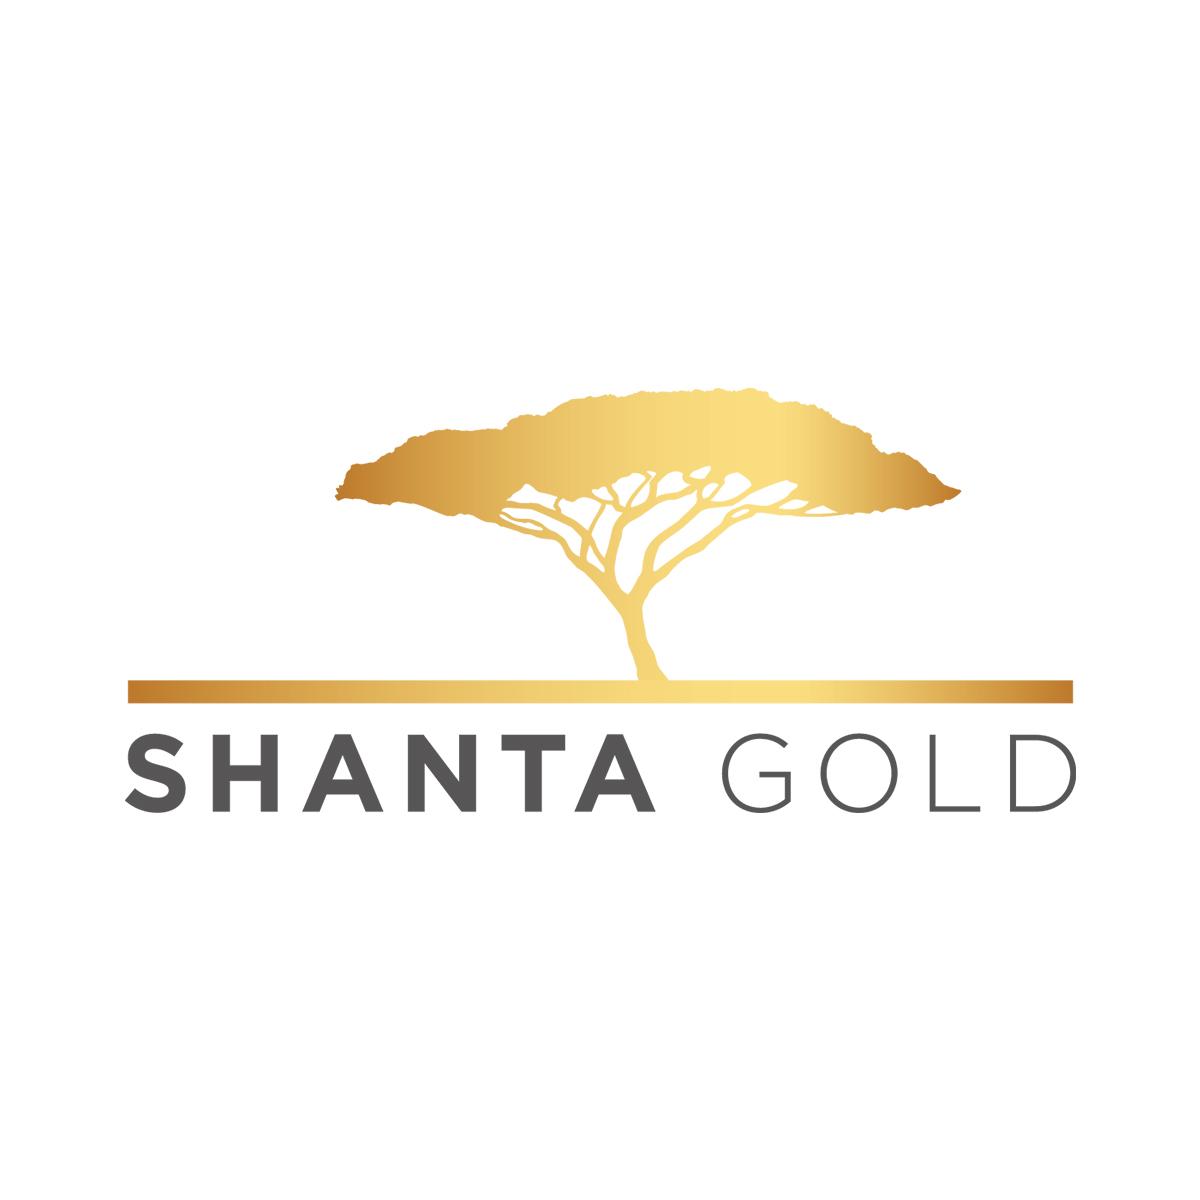 Shanta Gold